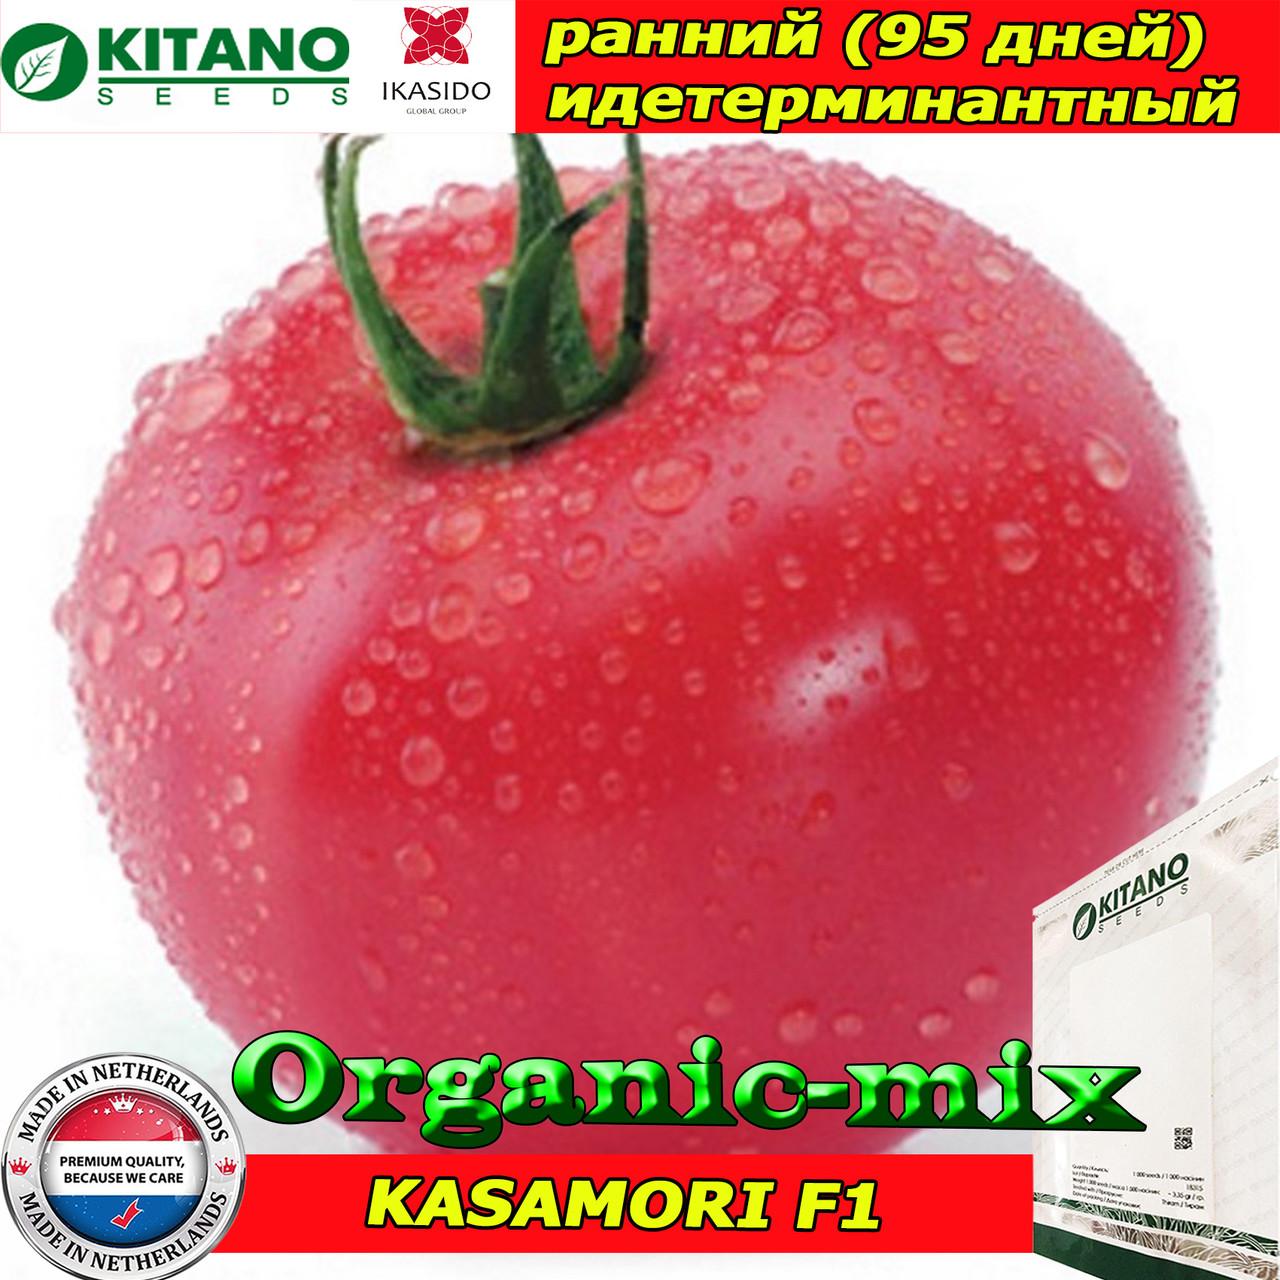 Семена, томат розовый КАСАМОРИ F1 / KASAMORI F1, 1000 семян, ТМ Kitano Seeds,